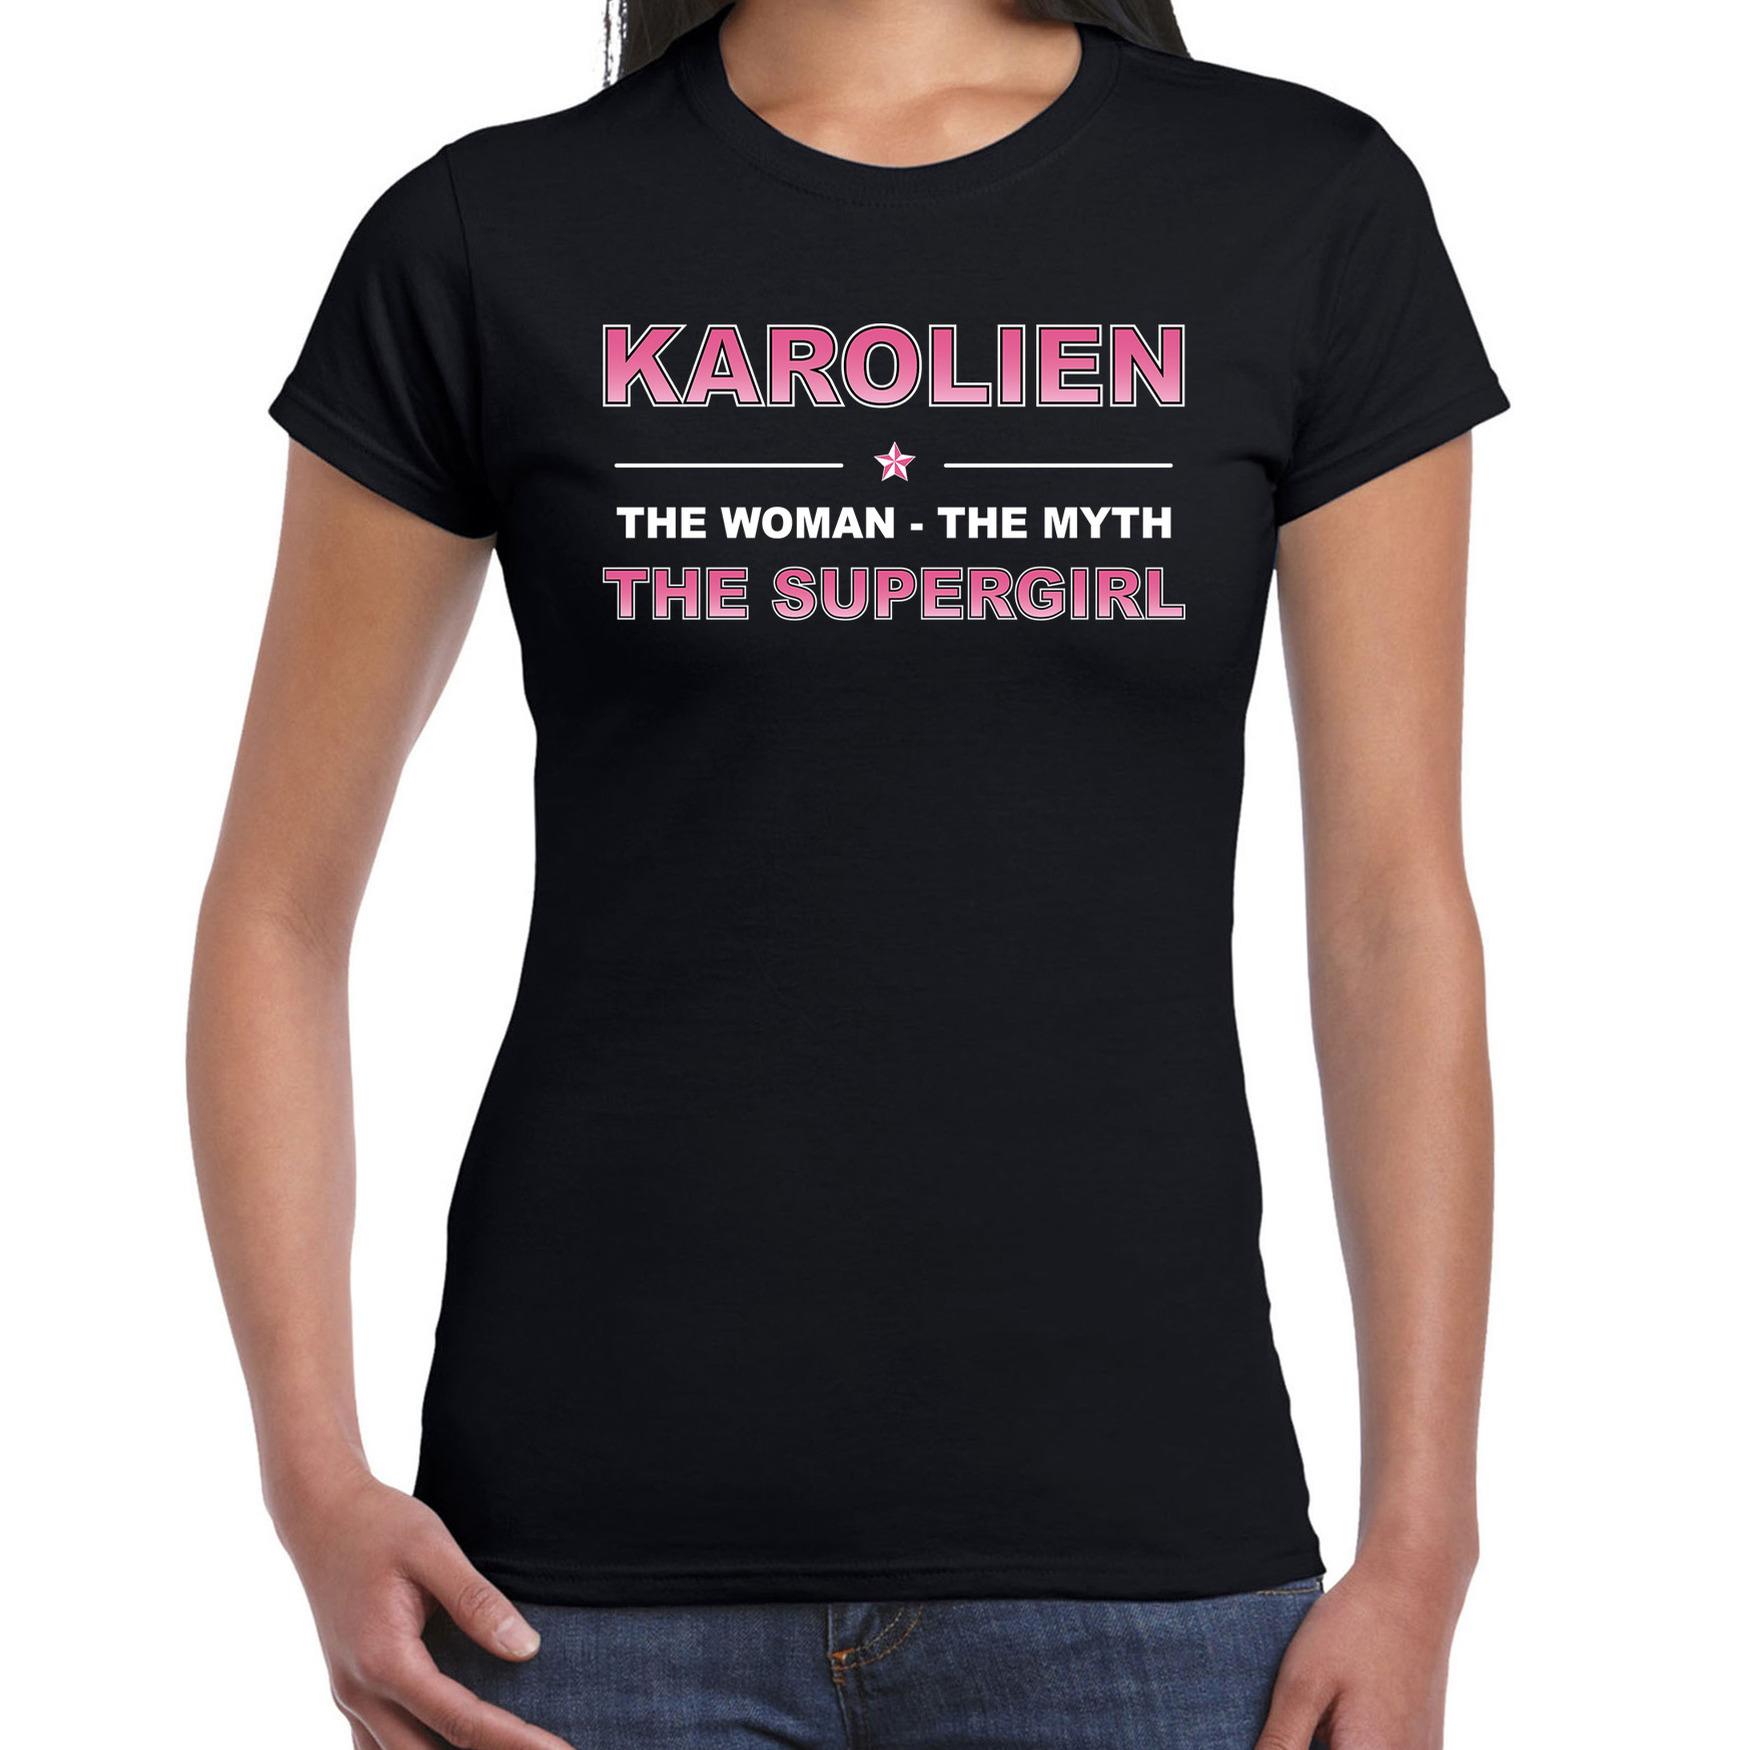 Naam cadeau t-shirt / shirt Karolien - the supergirl zwart voor dames